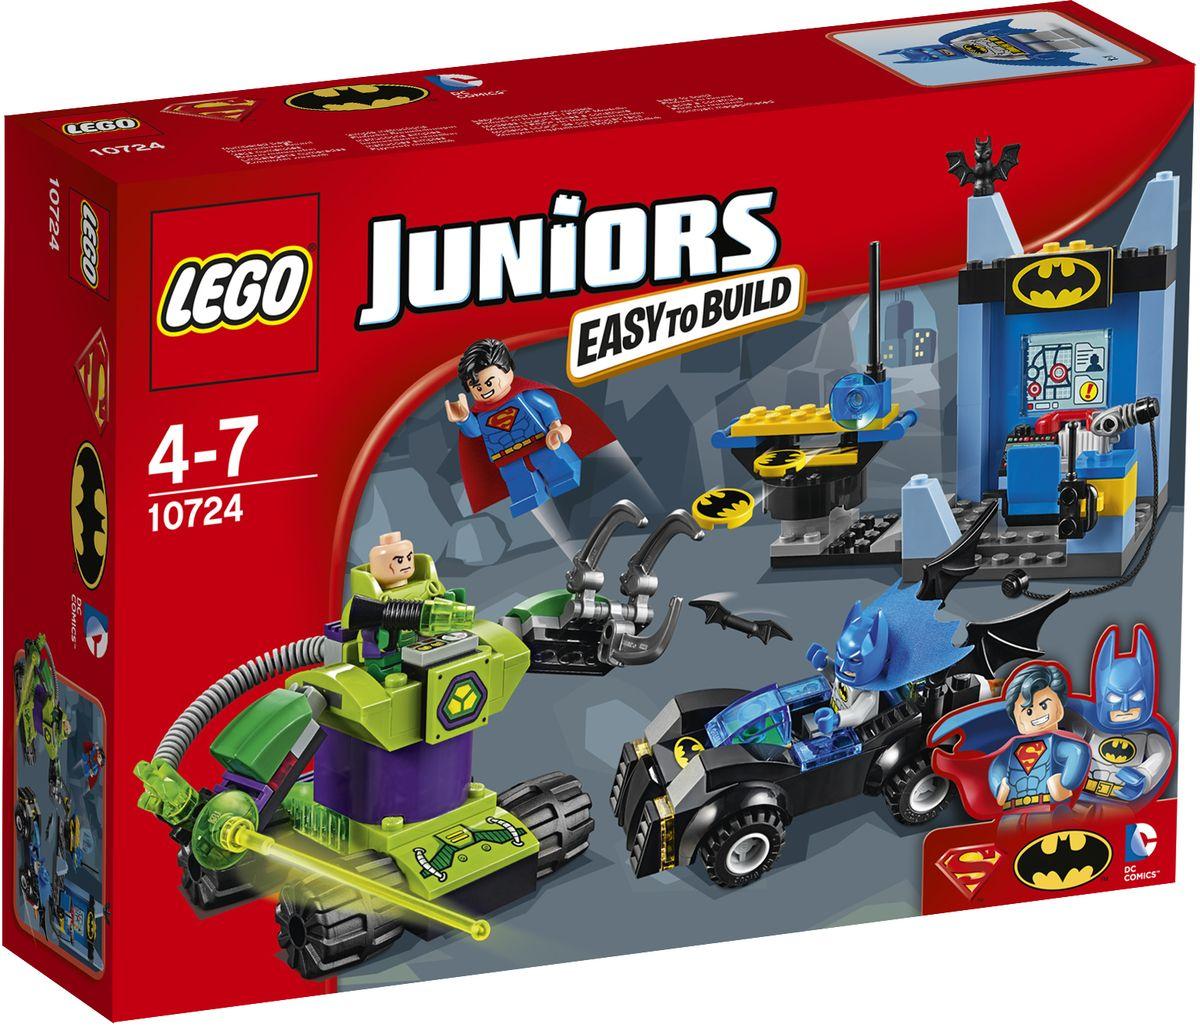 LEGO Juniors Конструктор Бэтмен и Супермен против Лекса Лютора 1072410724Экипируйте Бэтмена и Супермена и приготовьтесь сразиться с Лексом Лютором! Приготовьте Бэтмобиль и зарядите дисковый шутер пещеры Бэтмена. Помогите Супермену взлететь с помощью пусковой установки, прежде чем Лекс прибудет на своей роботизированной машине с захватом и криптонитовой лазерной пушкой. Защитите город вместе с любимыми супергероями! Набор включает в себя 164 разноцветных пластиковых элемента. Конструктор - это один из самых увлекательных и веселых способов времяпрепровождения. Ребенок сможет часами играть с конструктором, придумывая различные ситуации и истории.